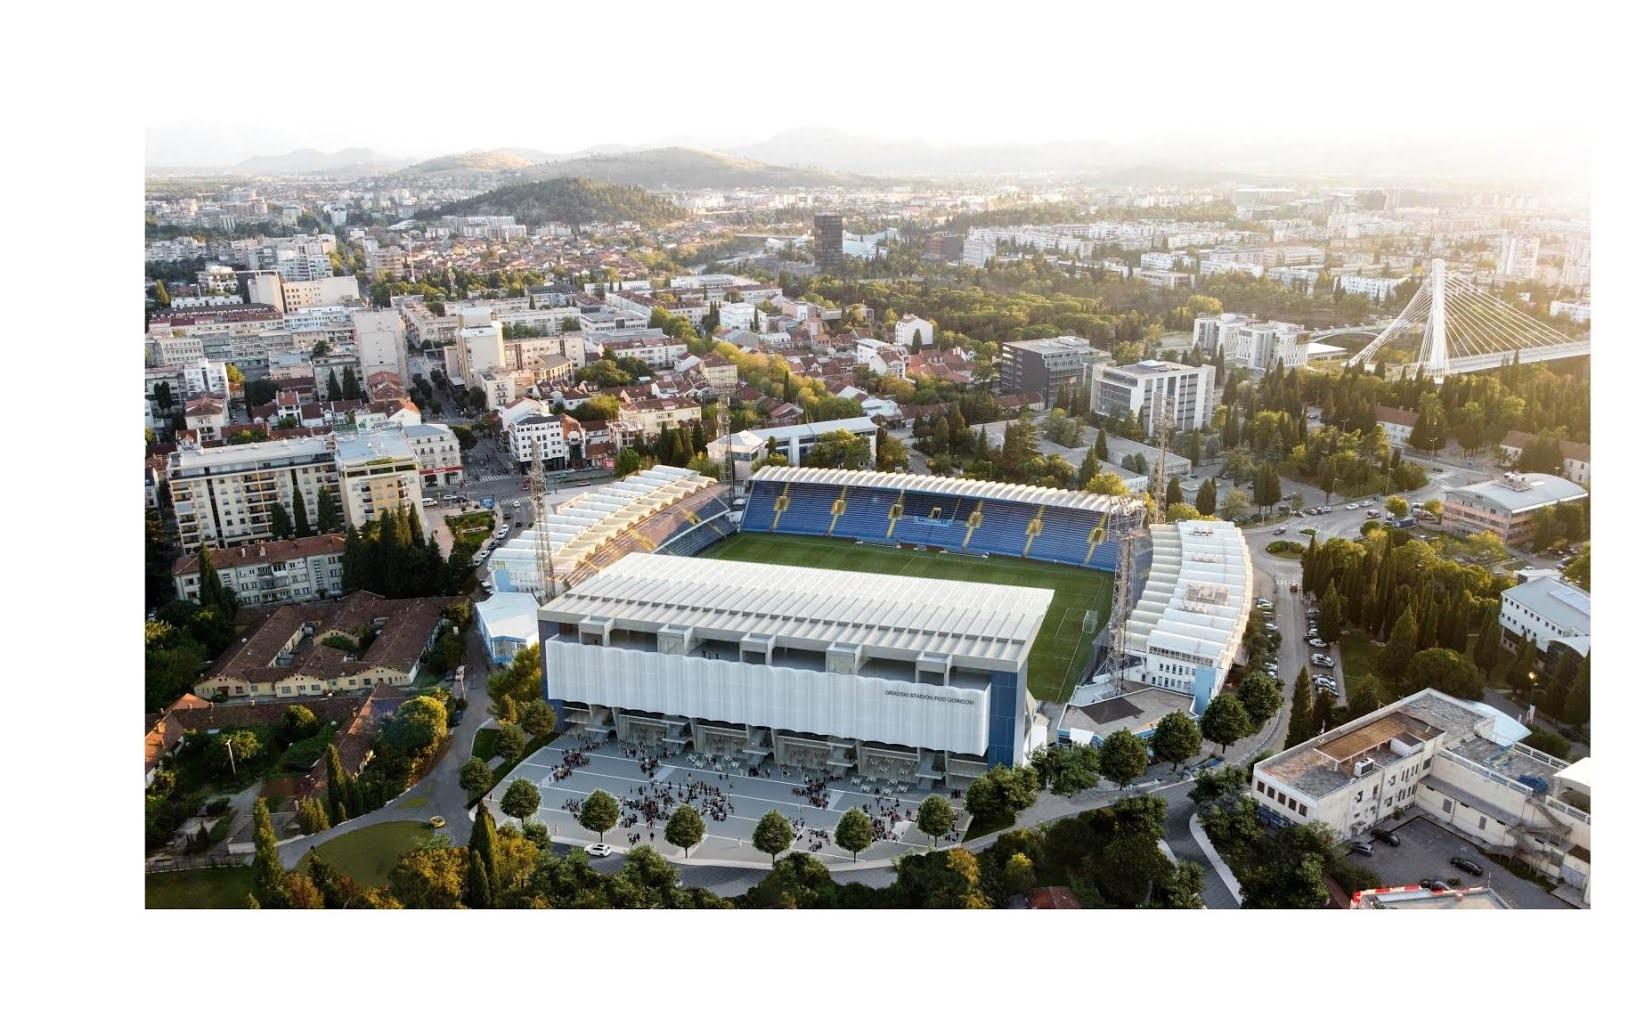 Korak bliže izgradnji Istočne tribine Gradskog stadiona; Objavljen javni poziv za izradu Glavnog projekta;